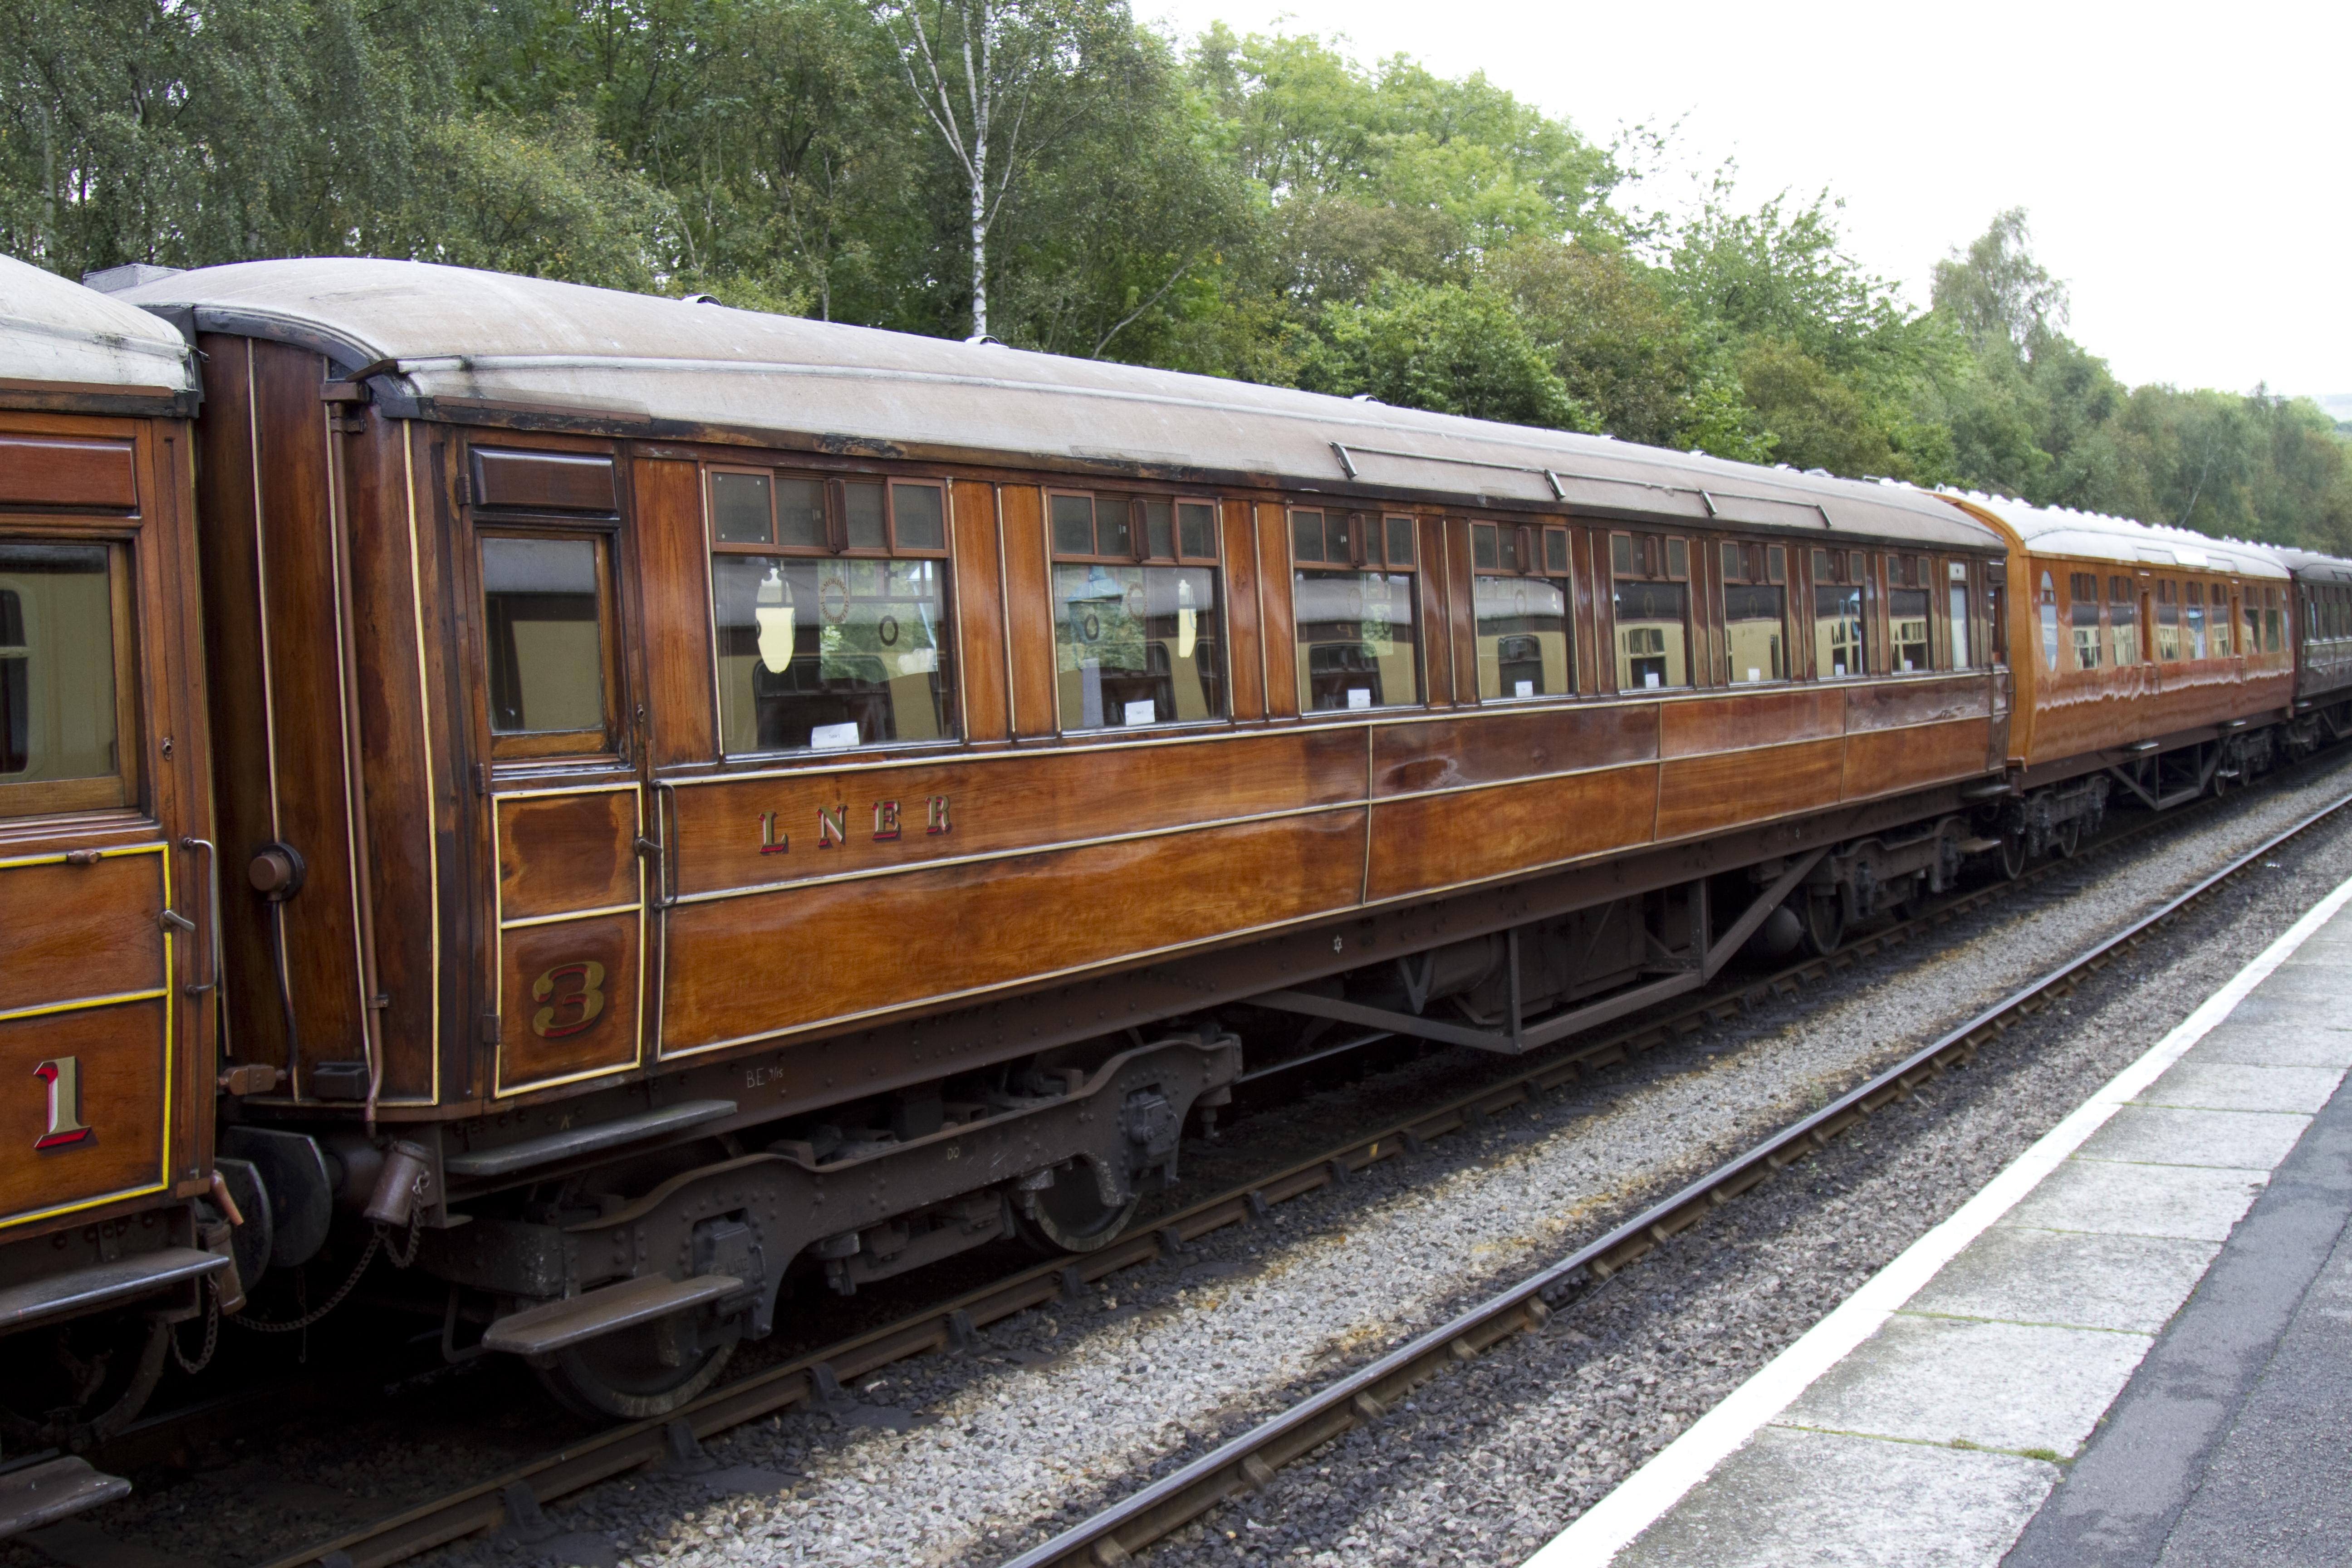 LNER teak coach